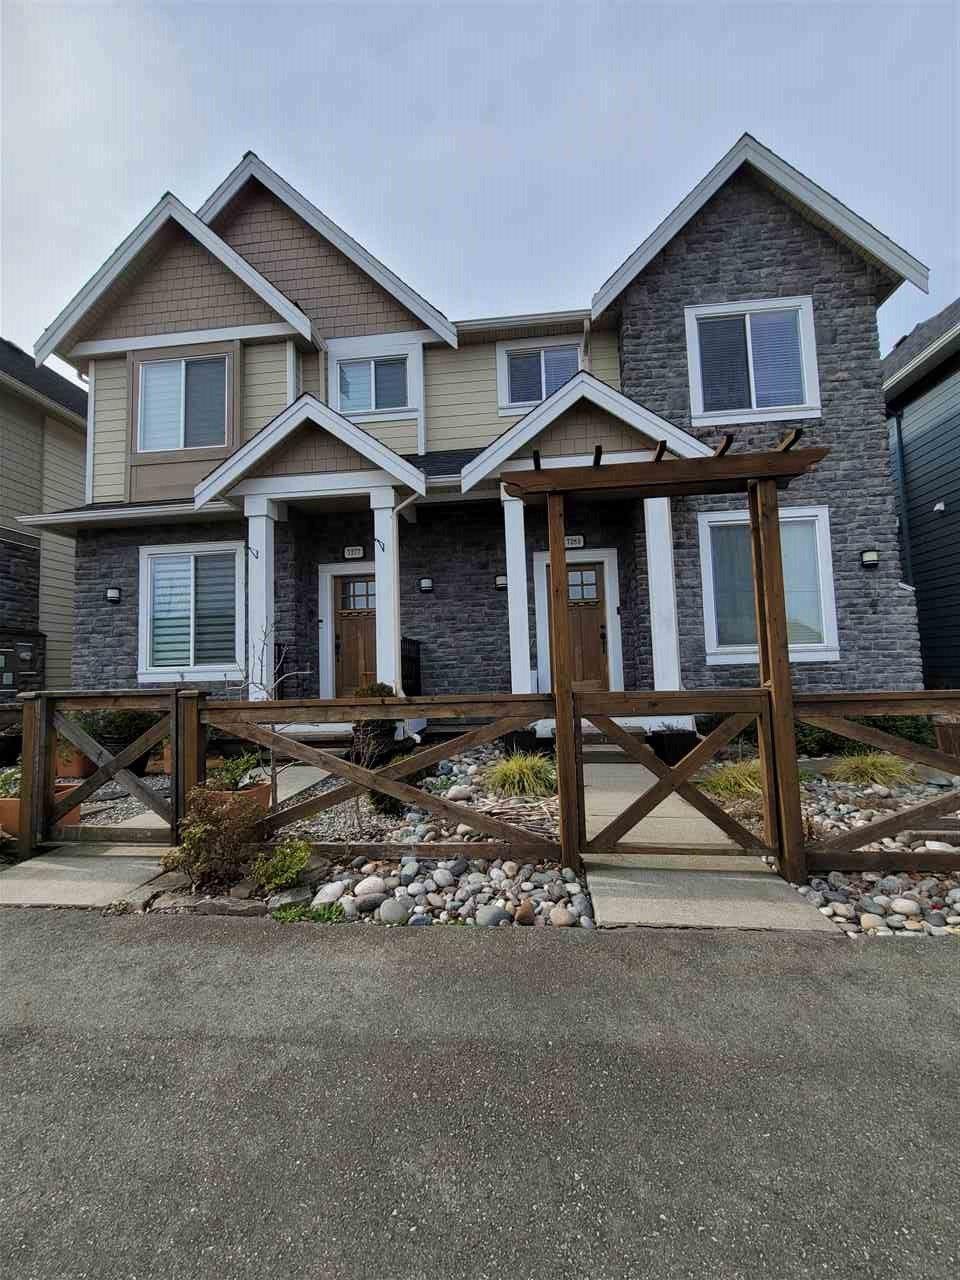 Main Photo: 7283 192 Street in Surrey: Clayton 1/2 Duplex for sale (Cloverdale)  : MLS®# R2551109